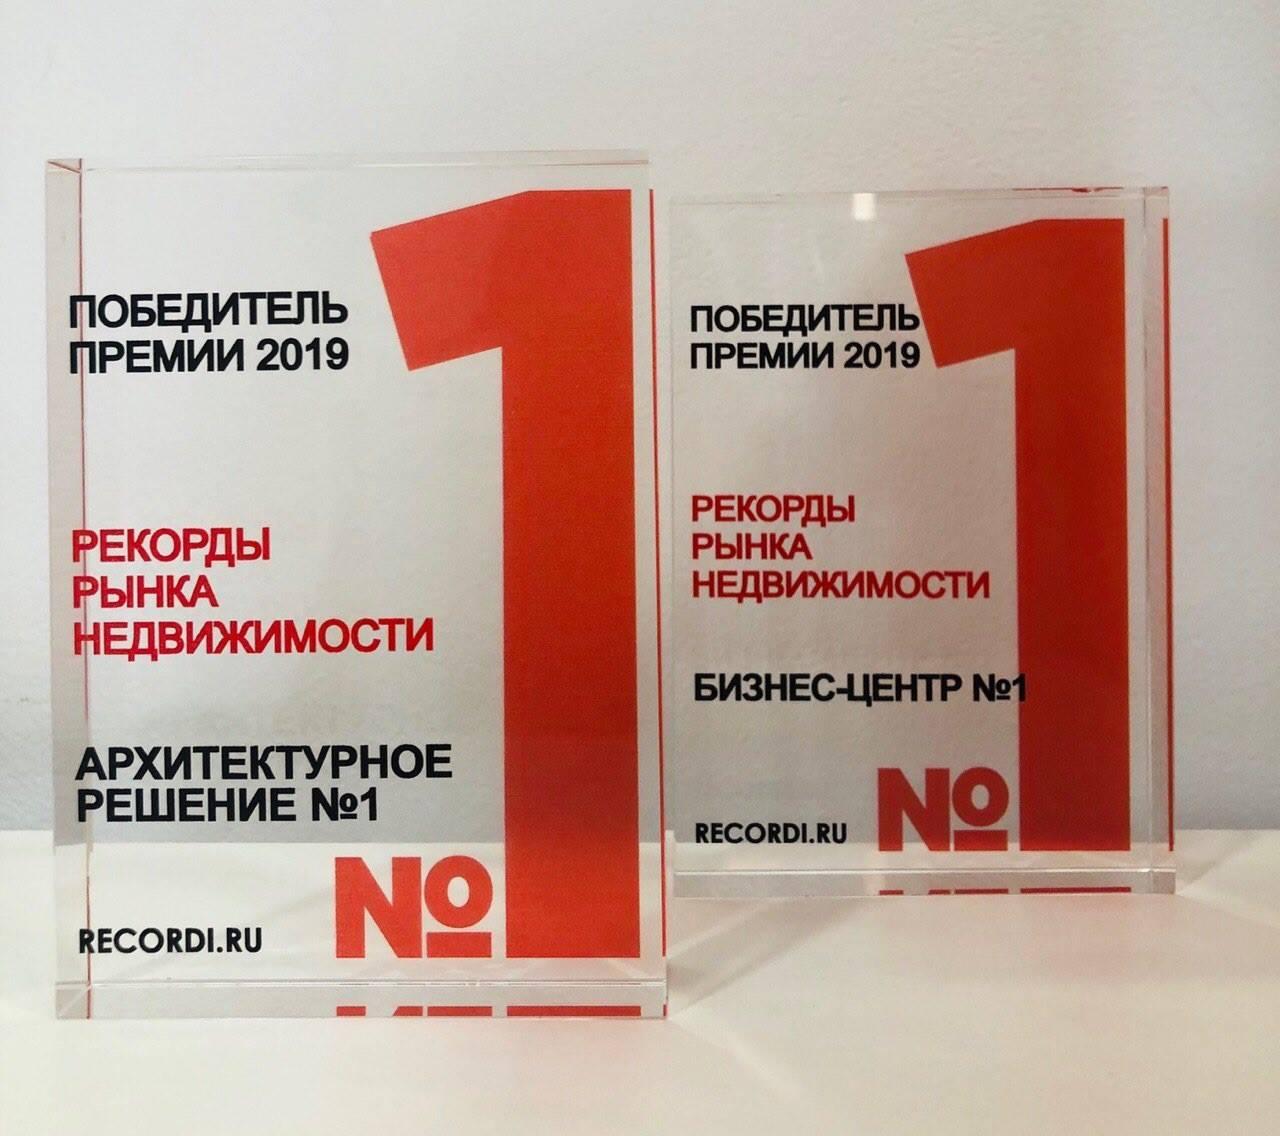 «Галс-Девелопмент» – победитель премии «Рекорды рынка недвижимости 2019» в двух номинациях